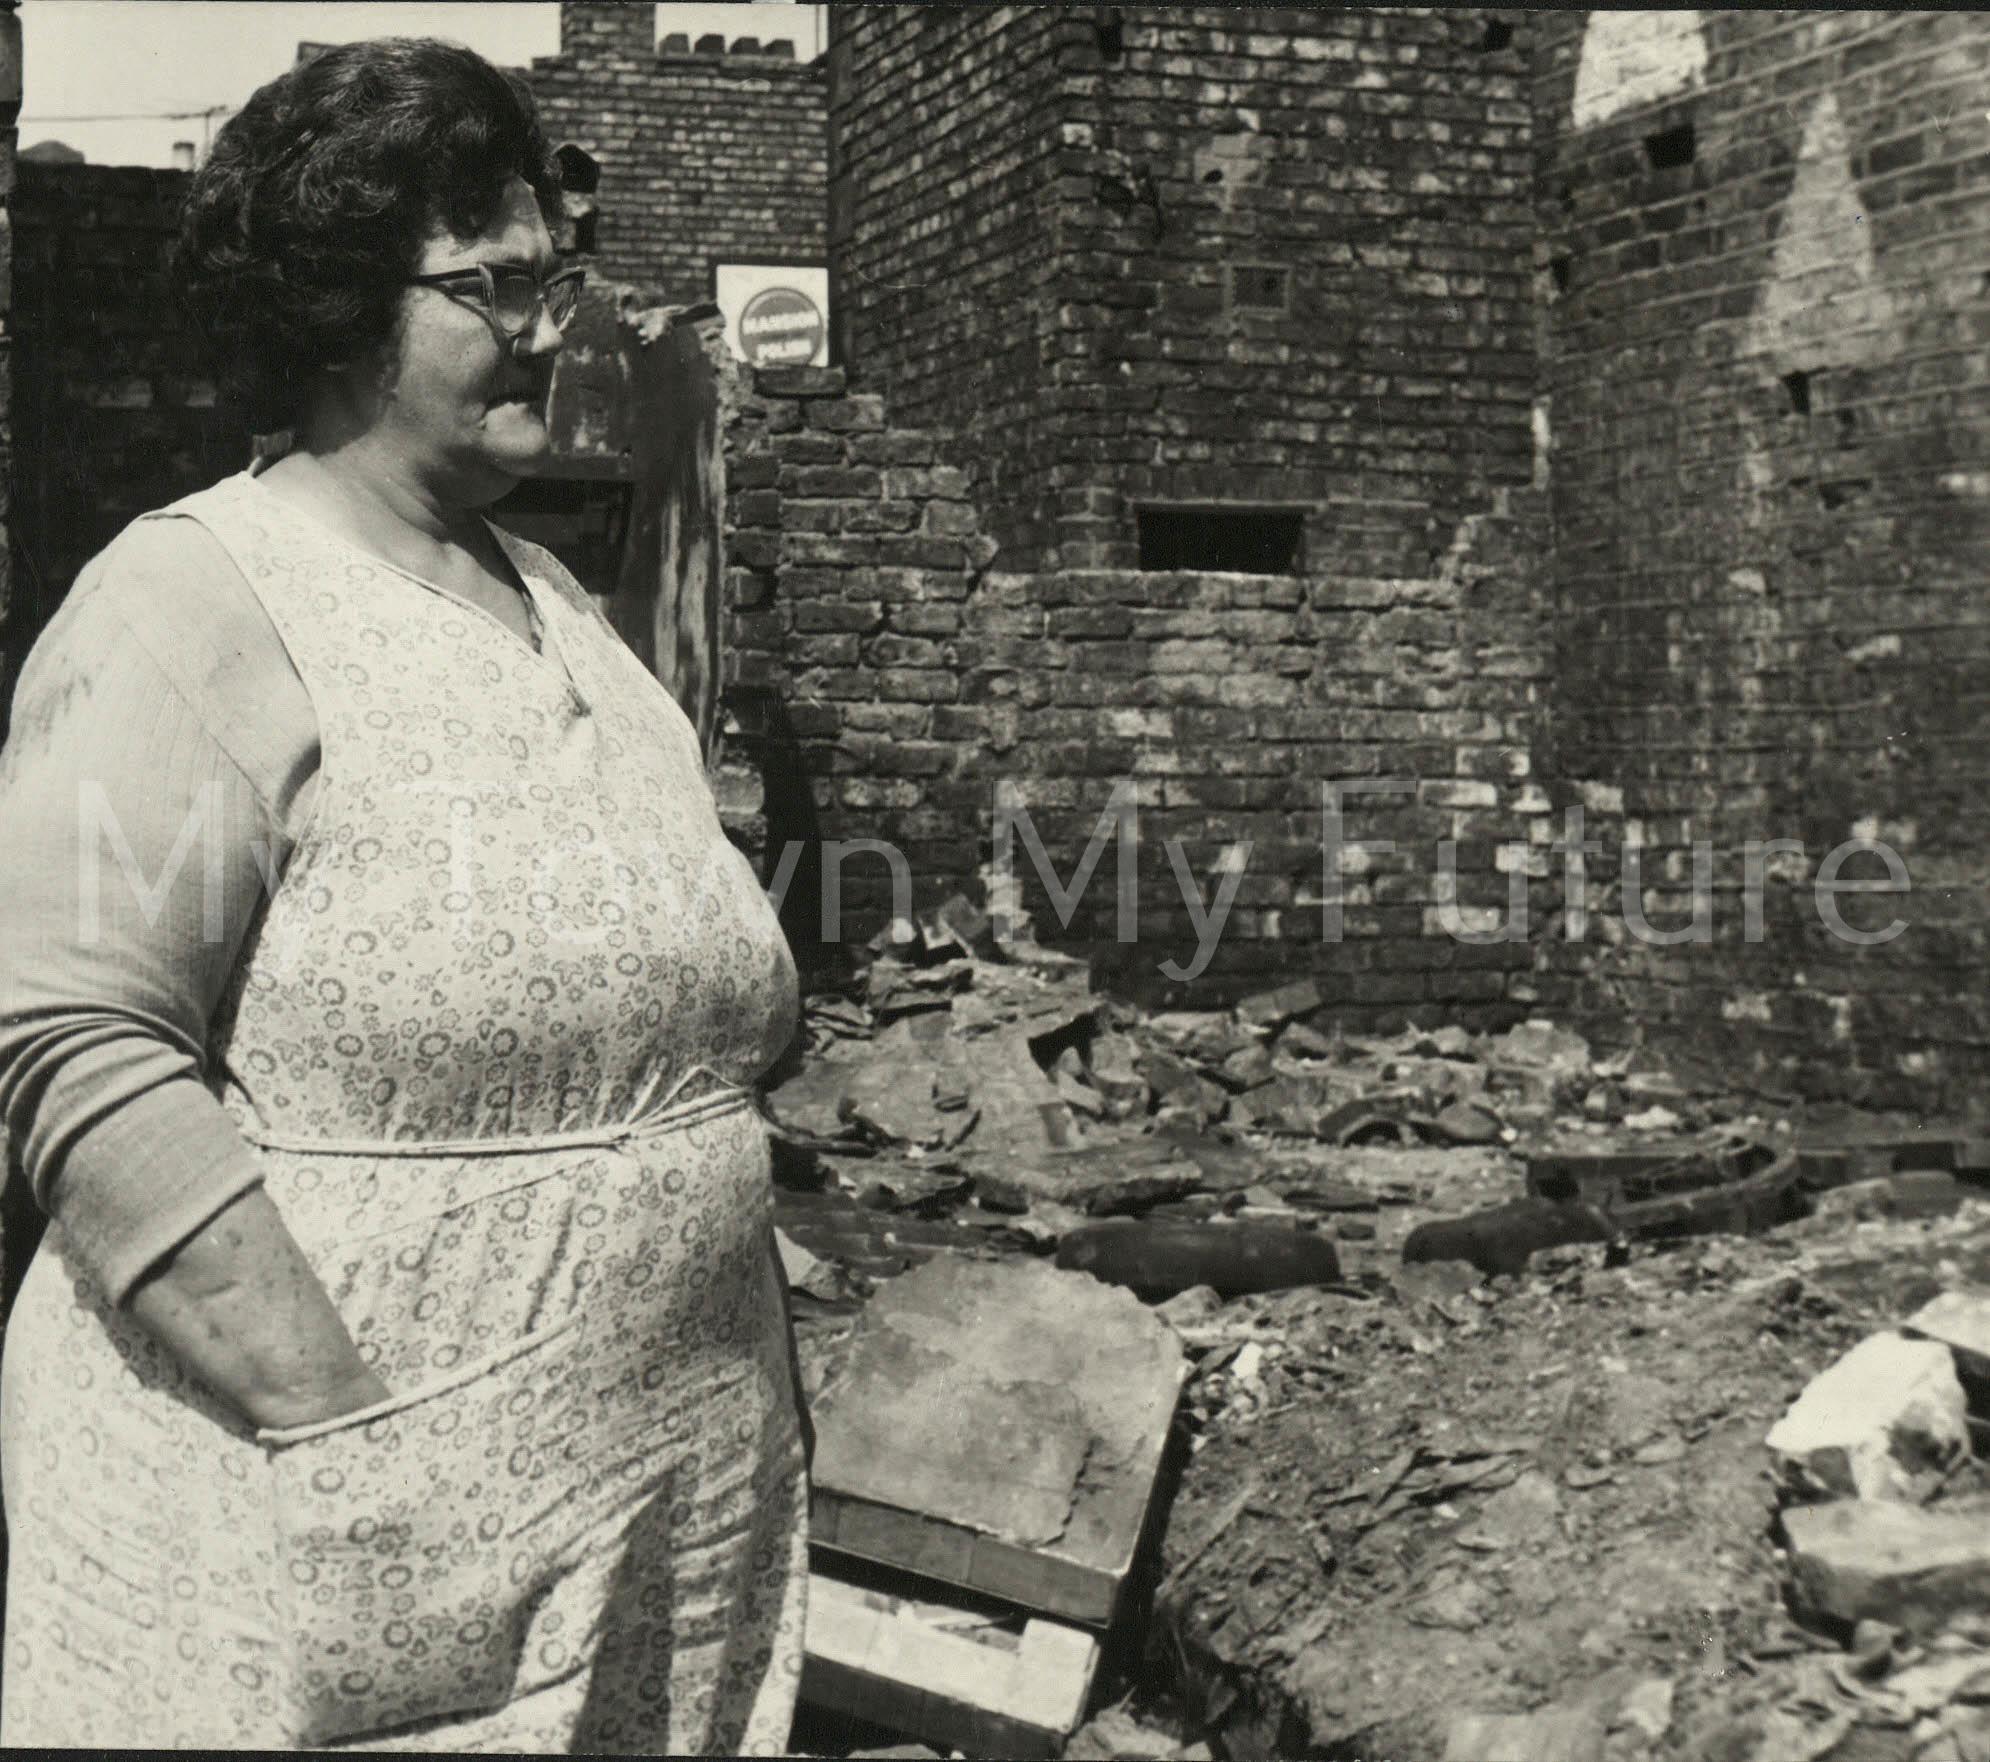 Mrs Violet Ferguson surveys the scene at the rear of her house.